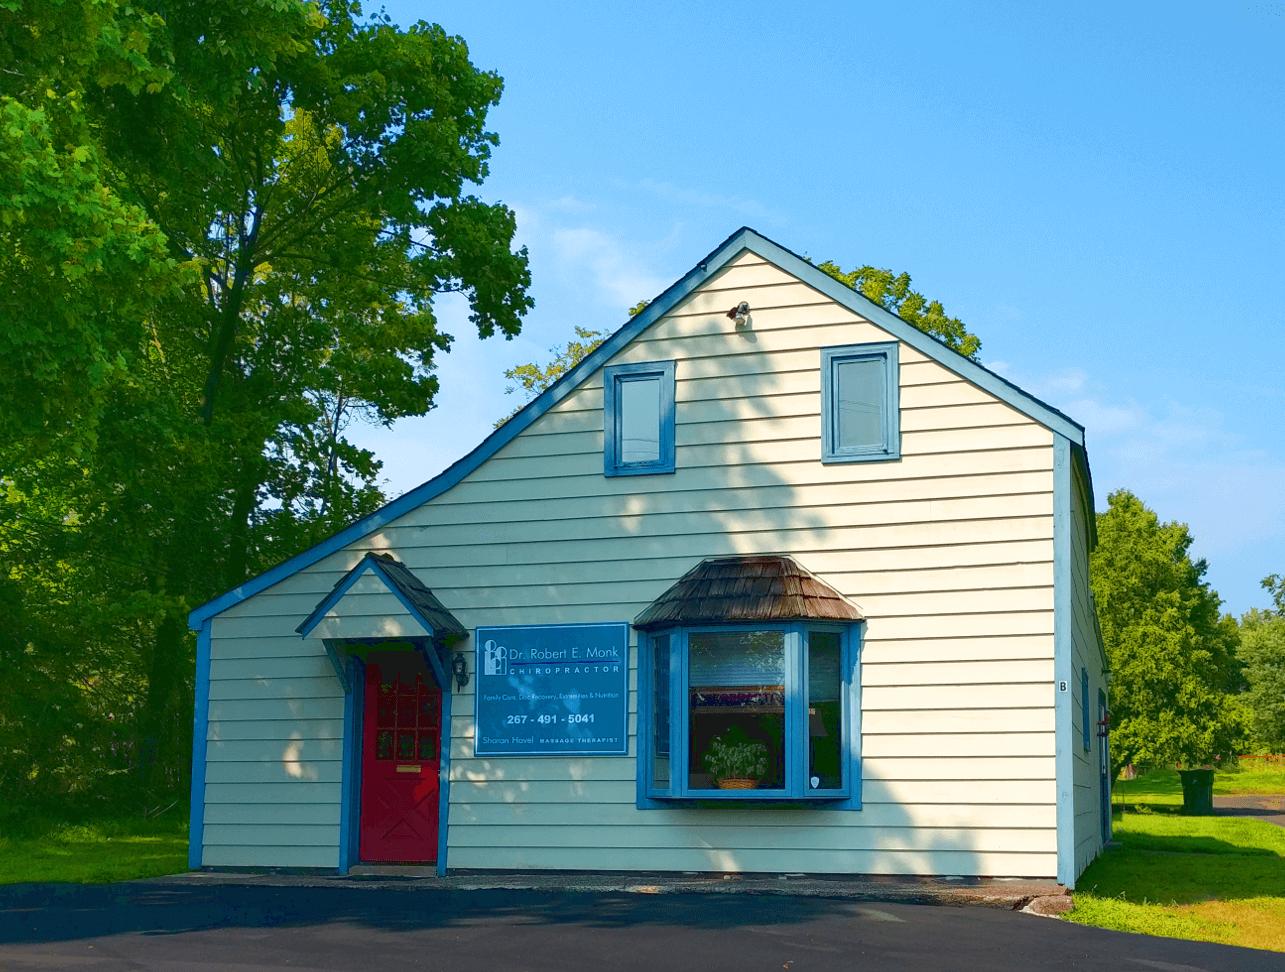 Chiropractor Office In Newtown